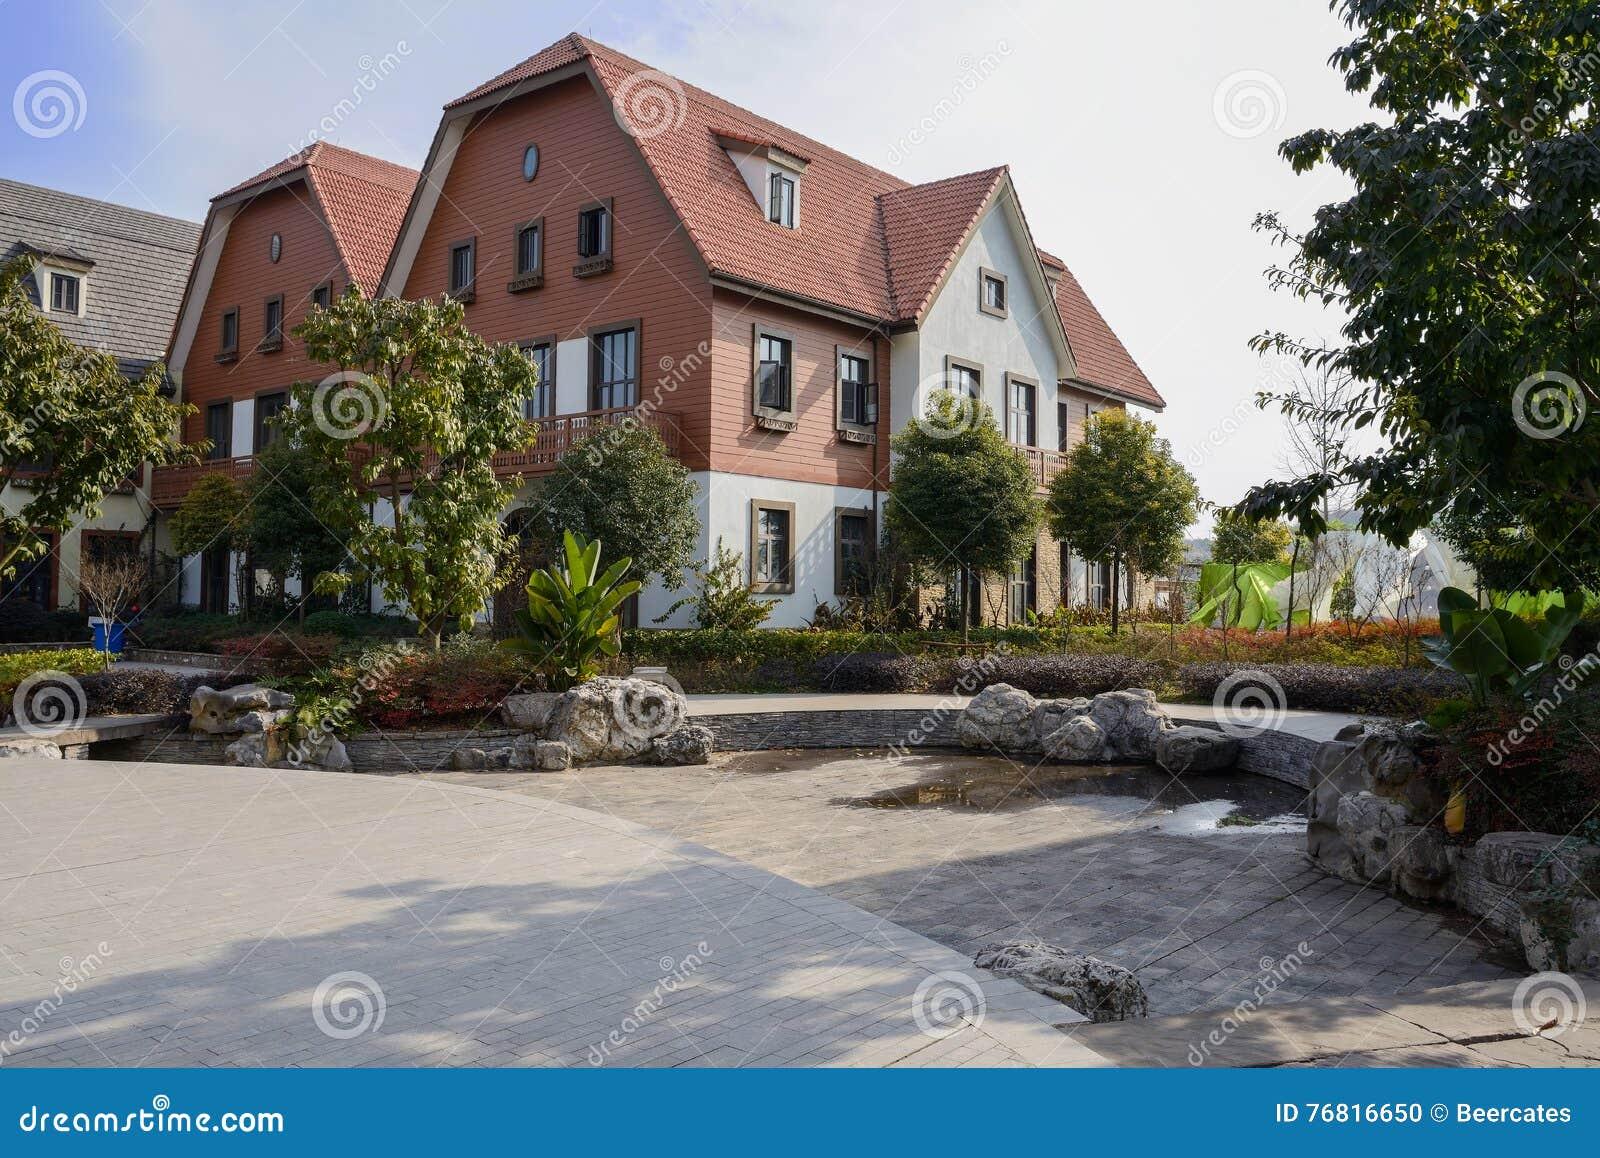 Экзотические европейские здания стиля на солнечном полдне